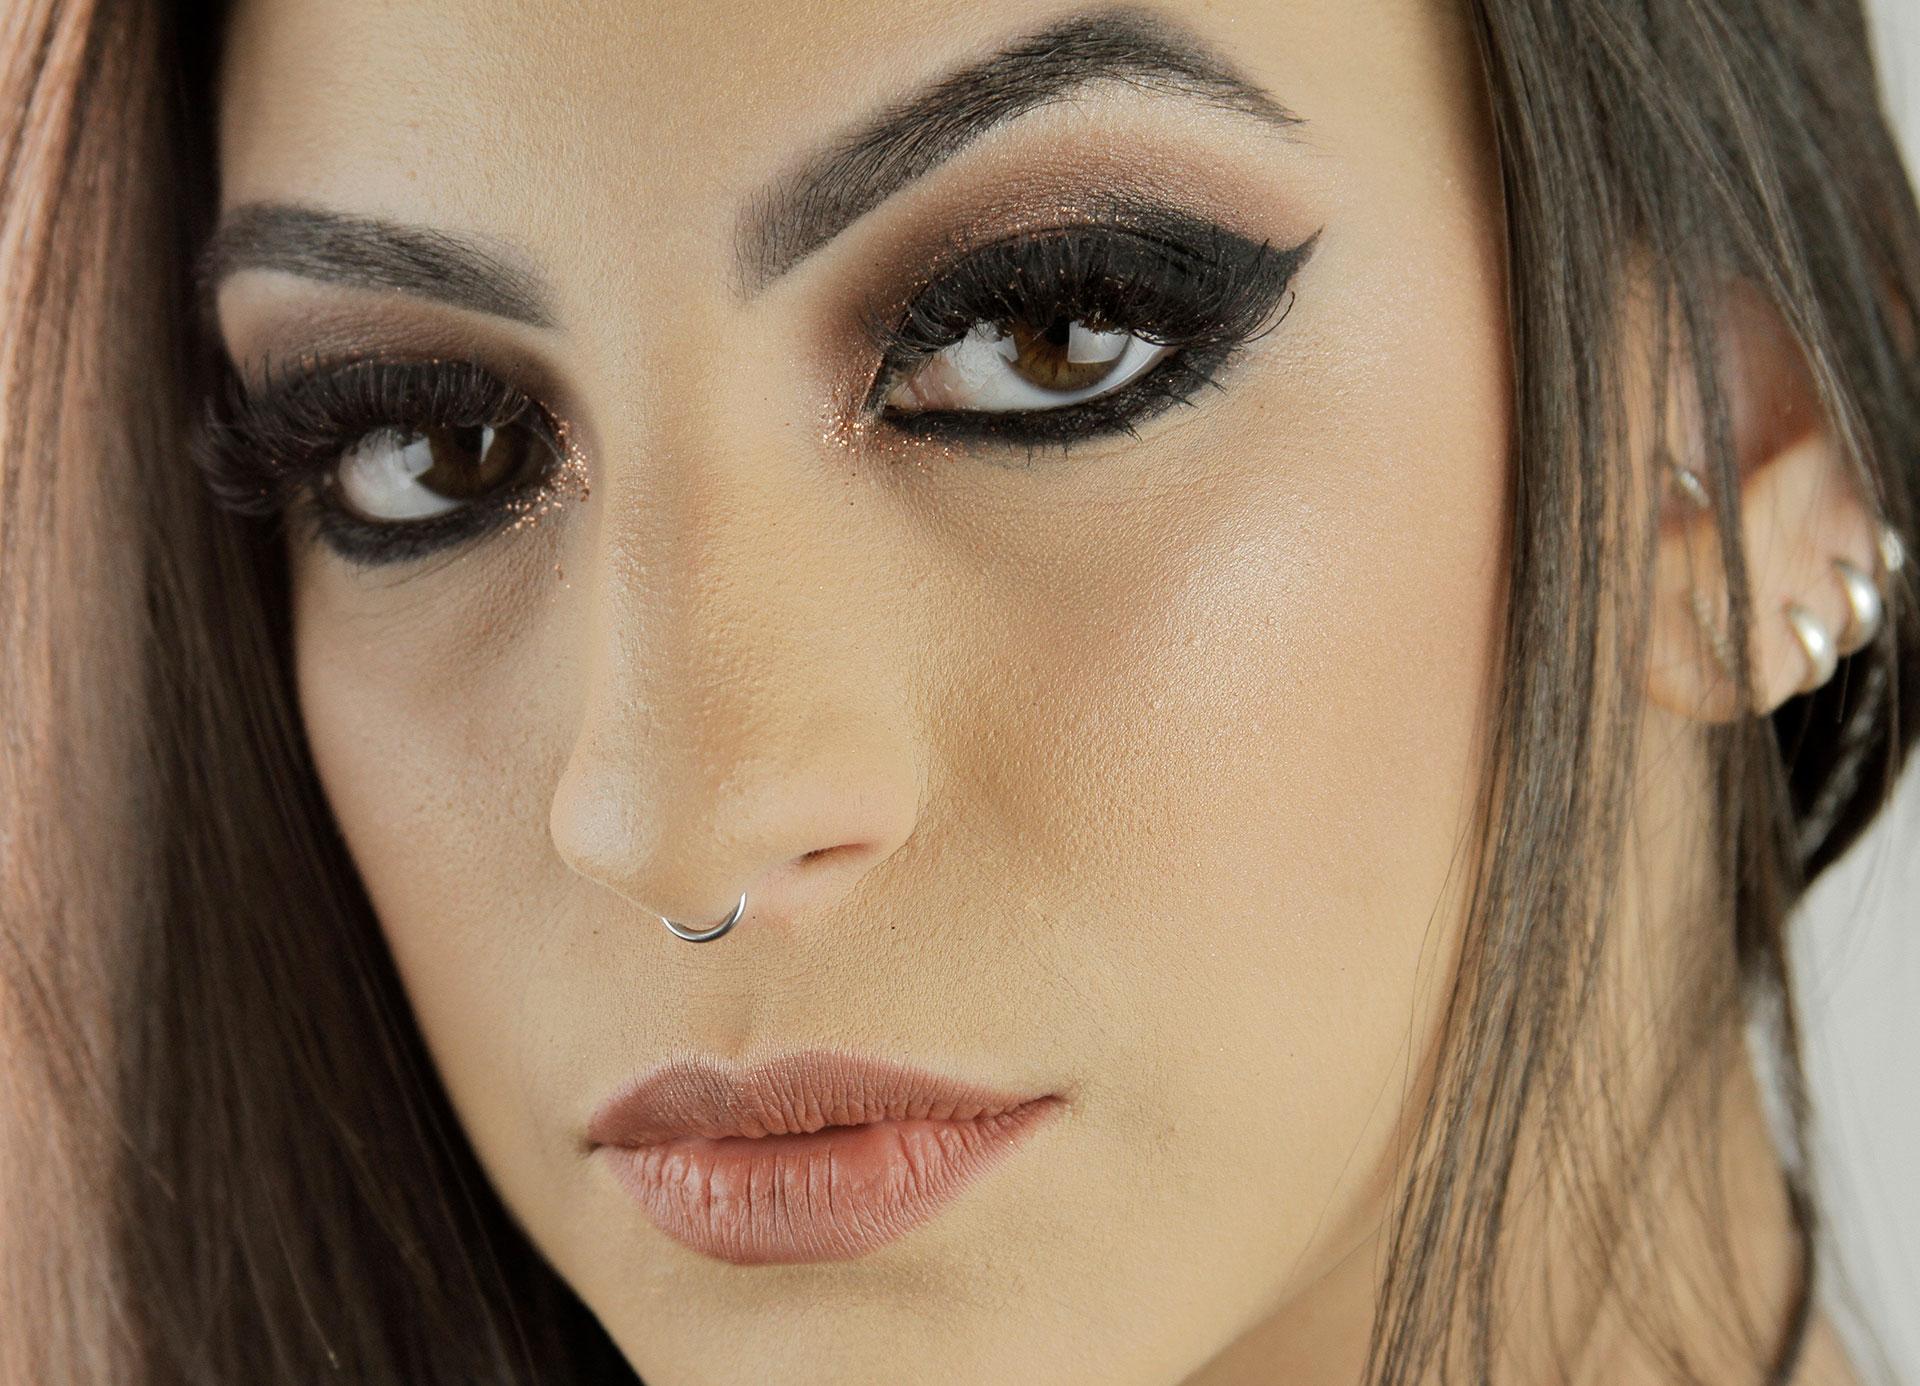 Raquel-Contente-092